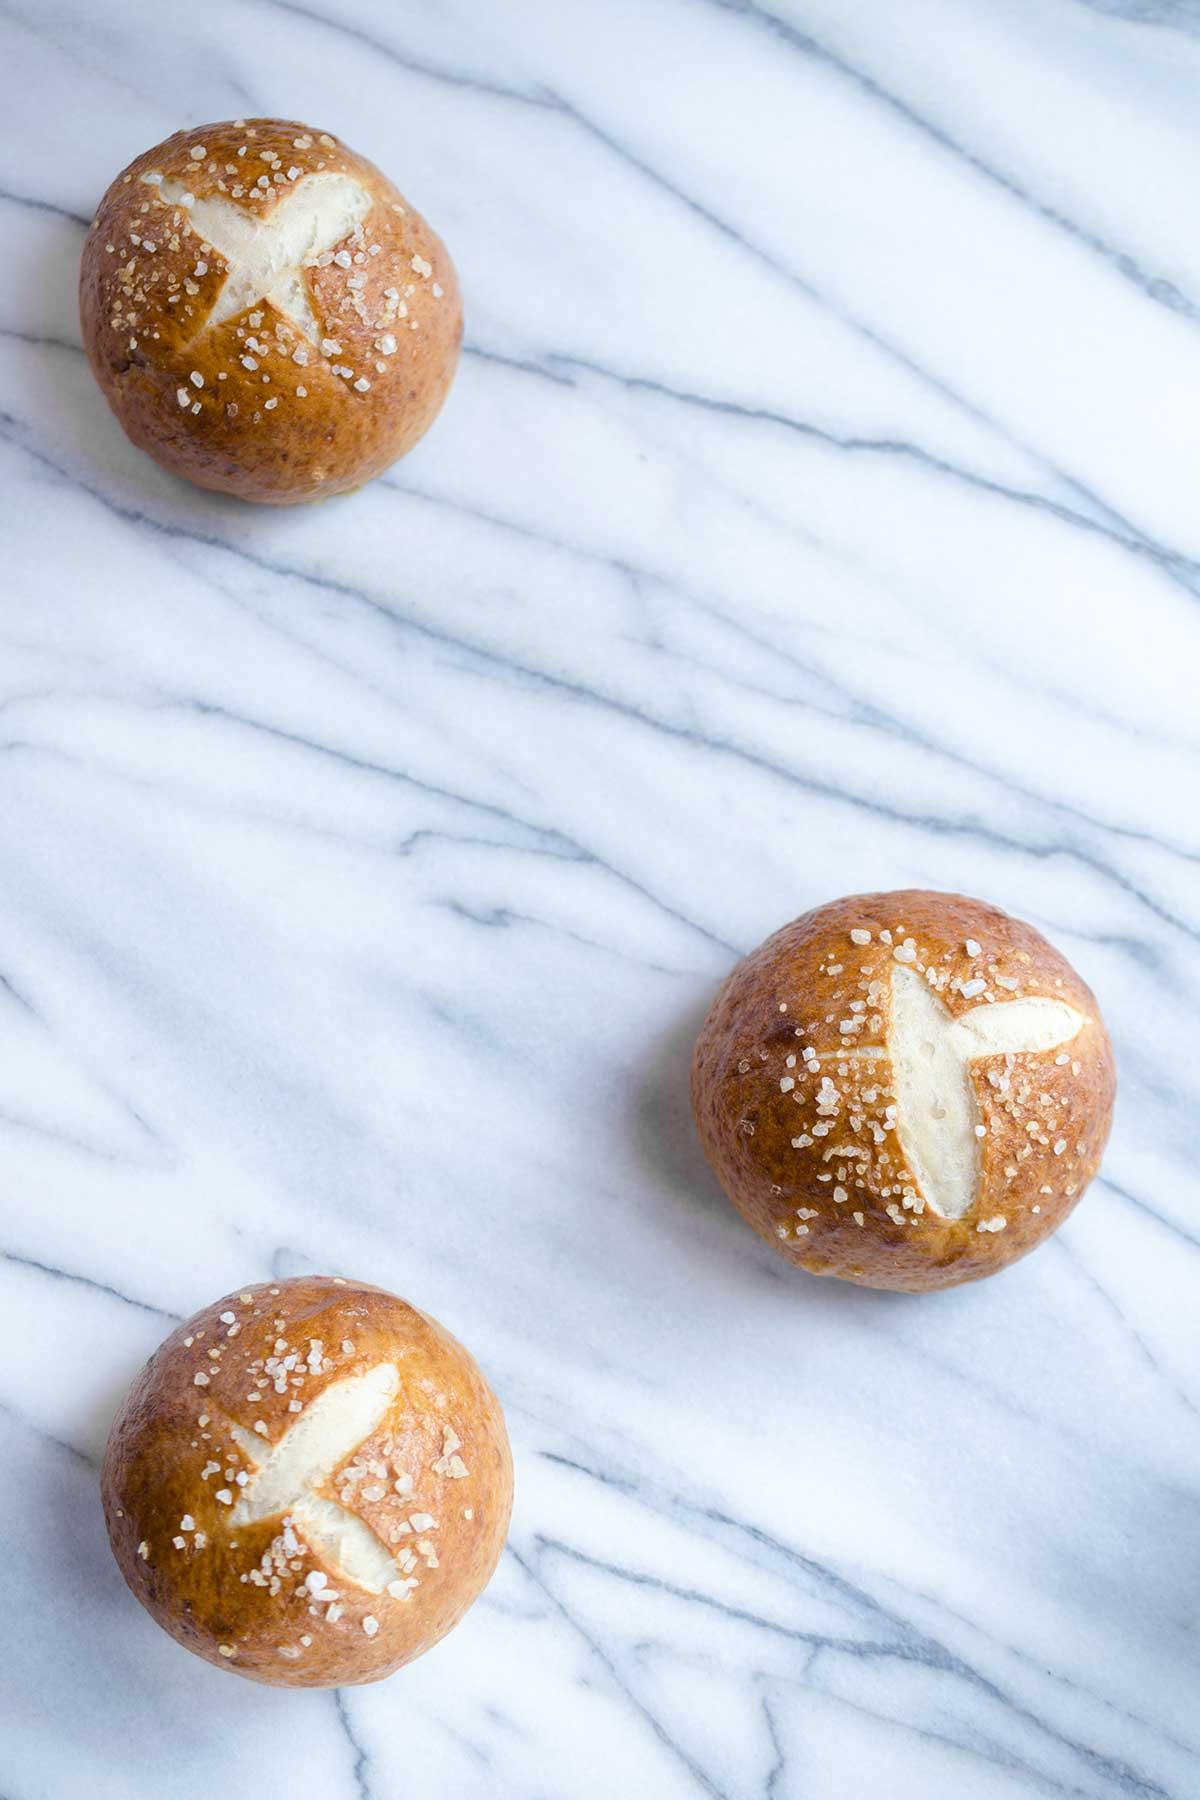 Three pretzel rolls on a marble backdrop.